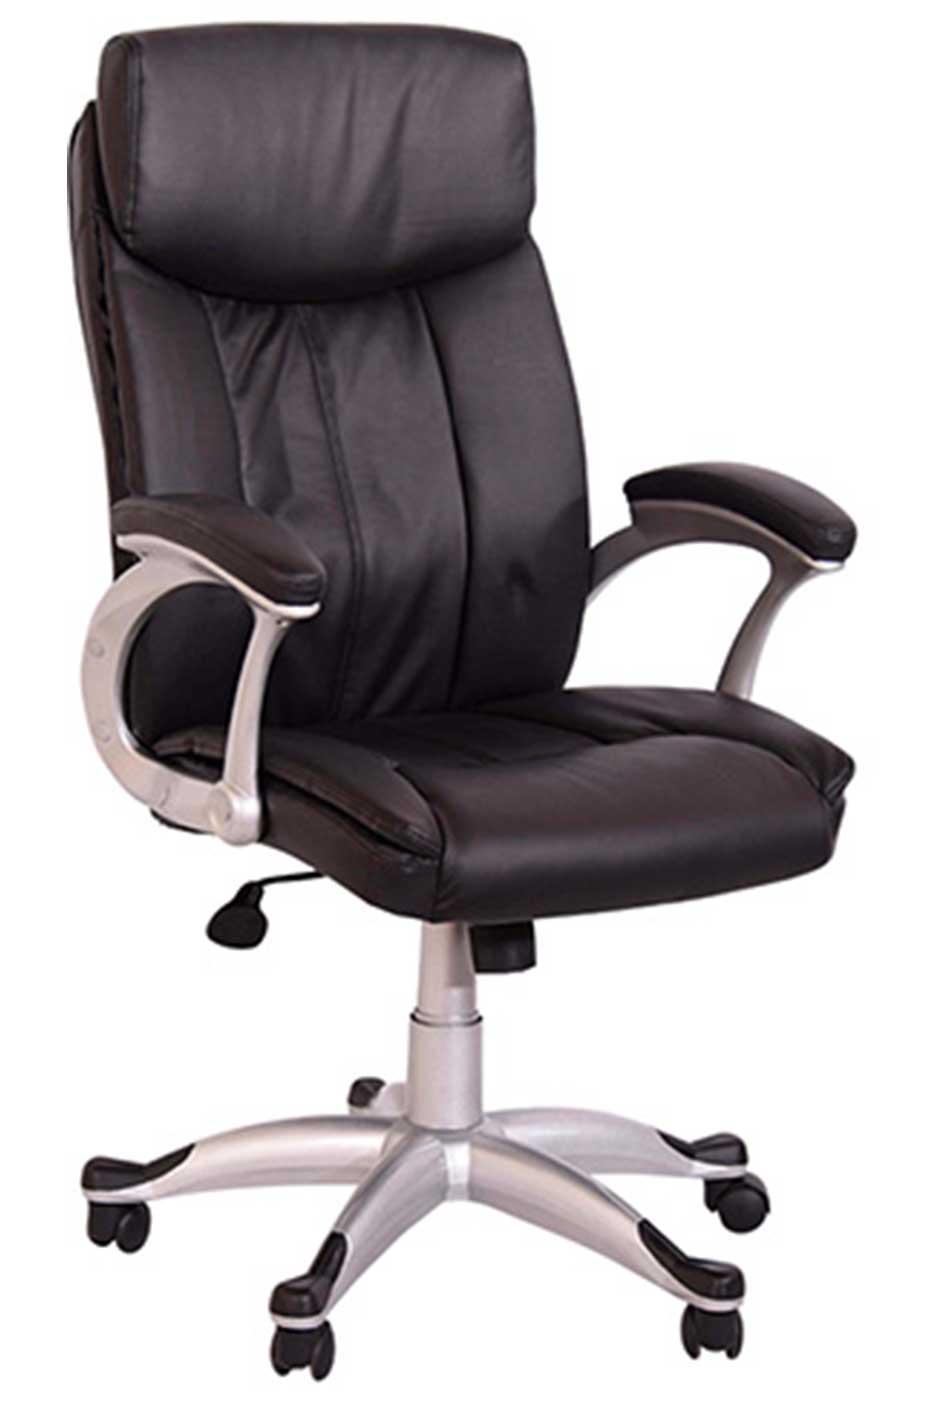 5783 office chair office chair for sale office chairs for sale jhb. Black Bedroom Furniture Sets. Home Design Ideas